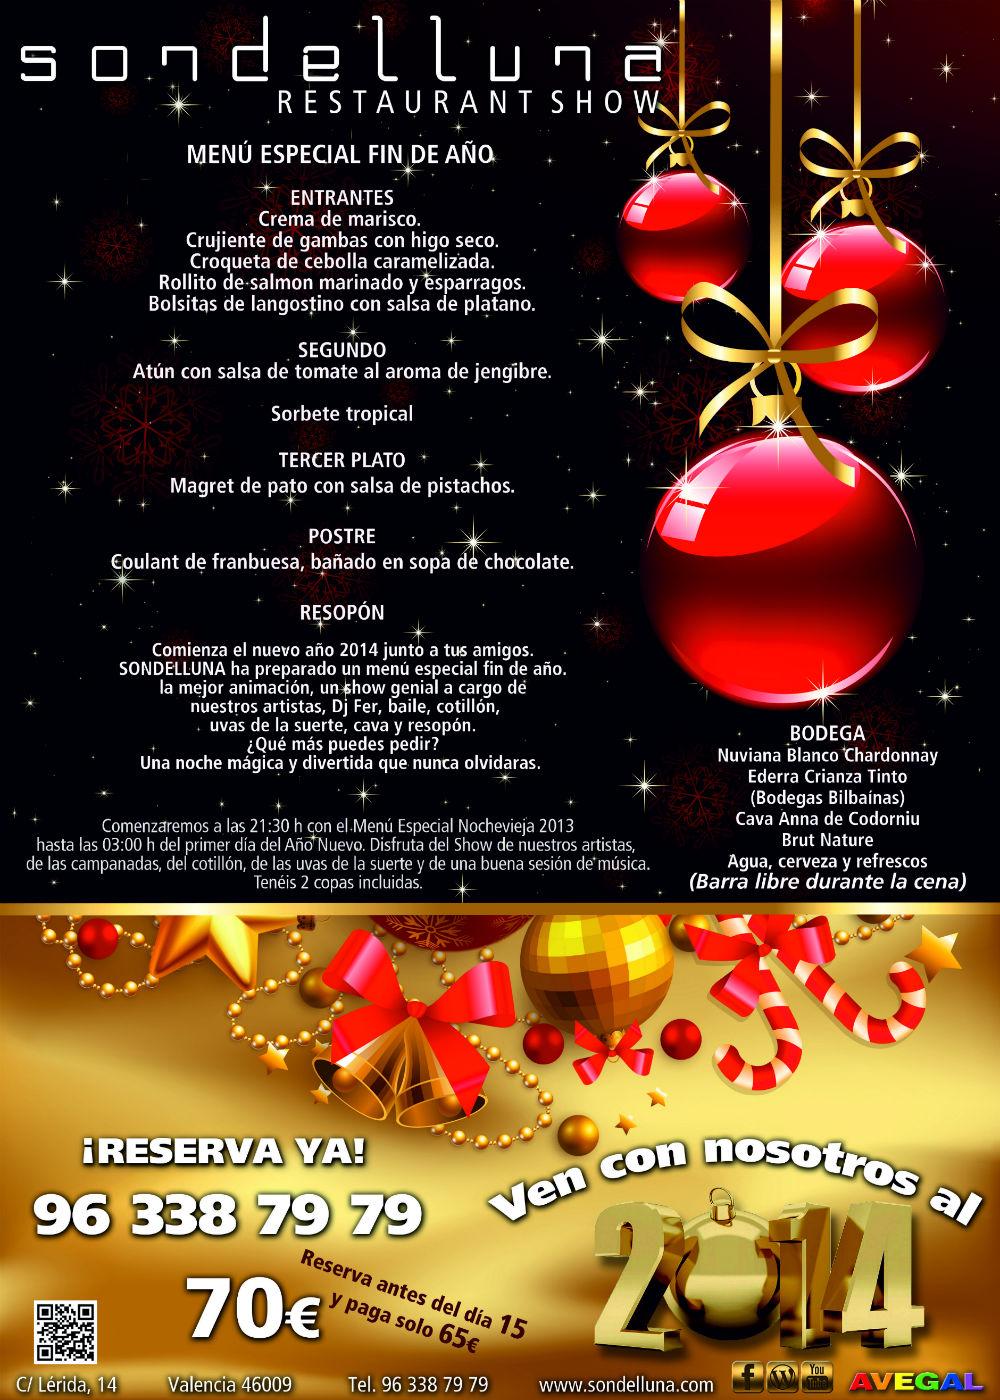 Cenas y comidas de navidad sondelluna restaurant show - Fin de ano en toledo ...